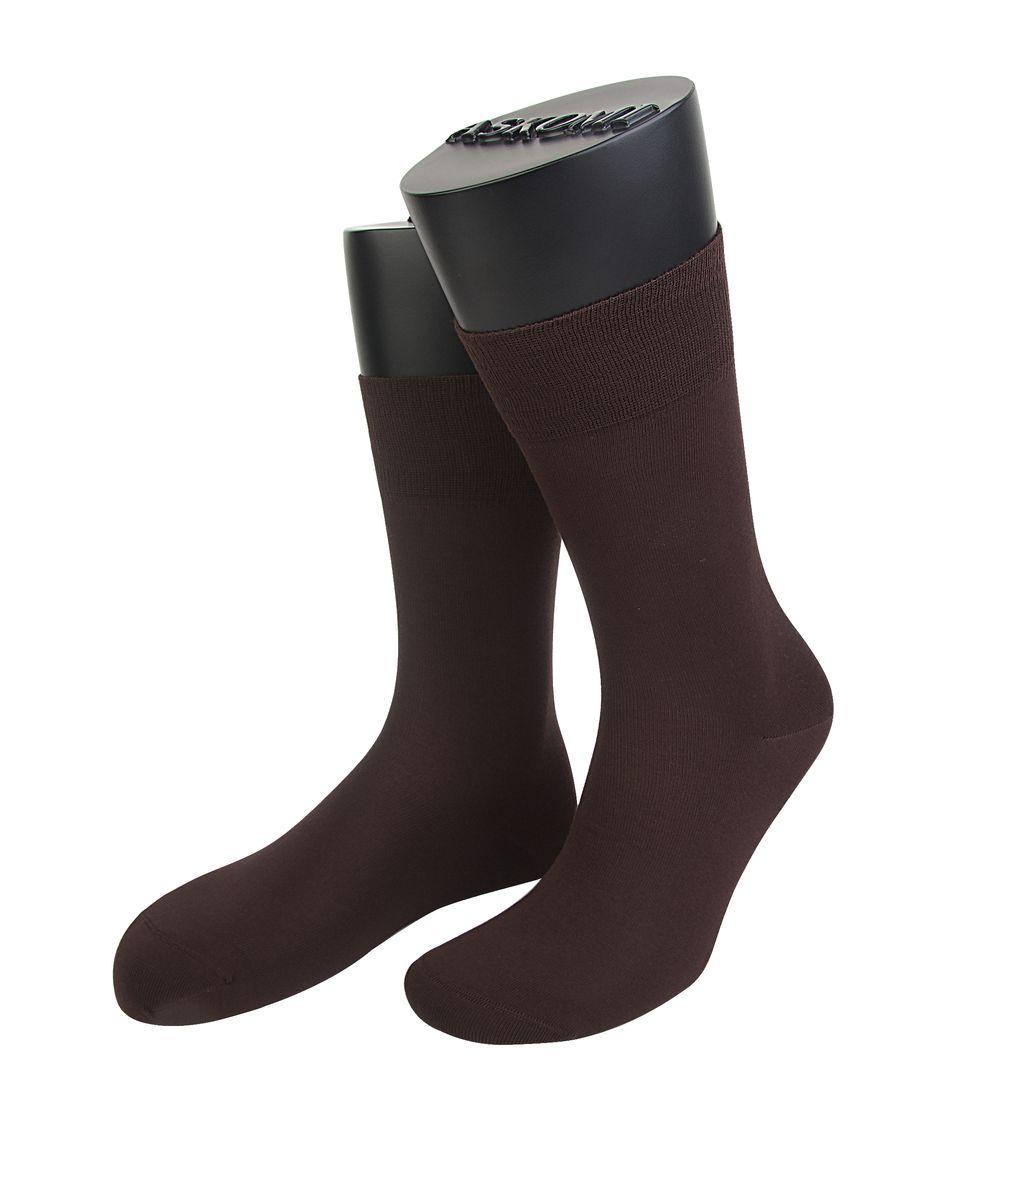 Носки мужские Askomi Classic, цвет: коричневый. АМ-7500_2201. Размер 29 (43-44)АМ-7500_2201Мужские носки Askomi Classic для повседневной носки выполнены из бамбука с добавлением полиамида. Бамбуковое волокно обладает высокой прочностью, антибактериальным и теплоизолирующим свойством. Двойной борт для плотной фиксации не пережимает сосуды. Носок и пятка укреплены, что значительно увеличивает износостойкость носков. Кеттельный шов не ощутим для ноги.